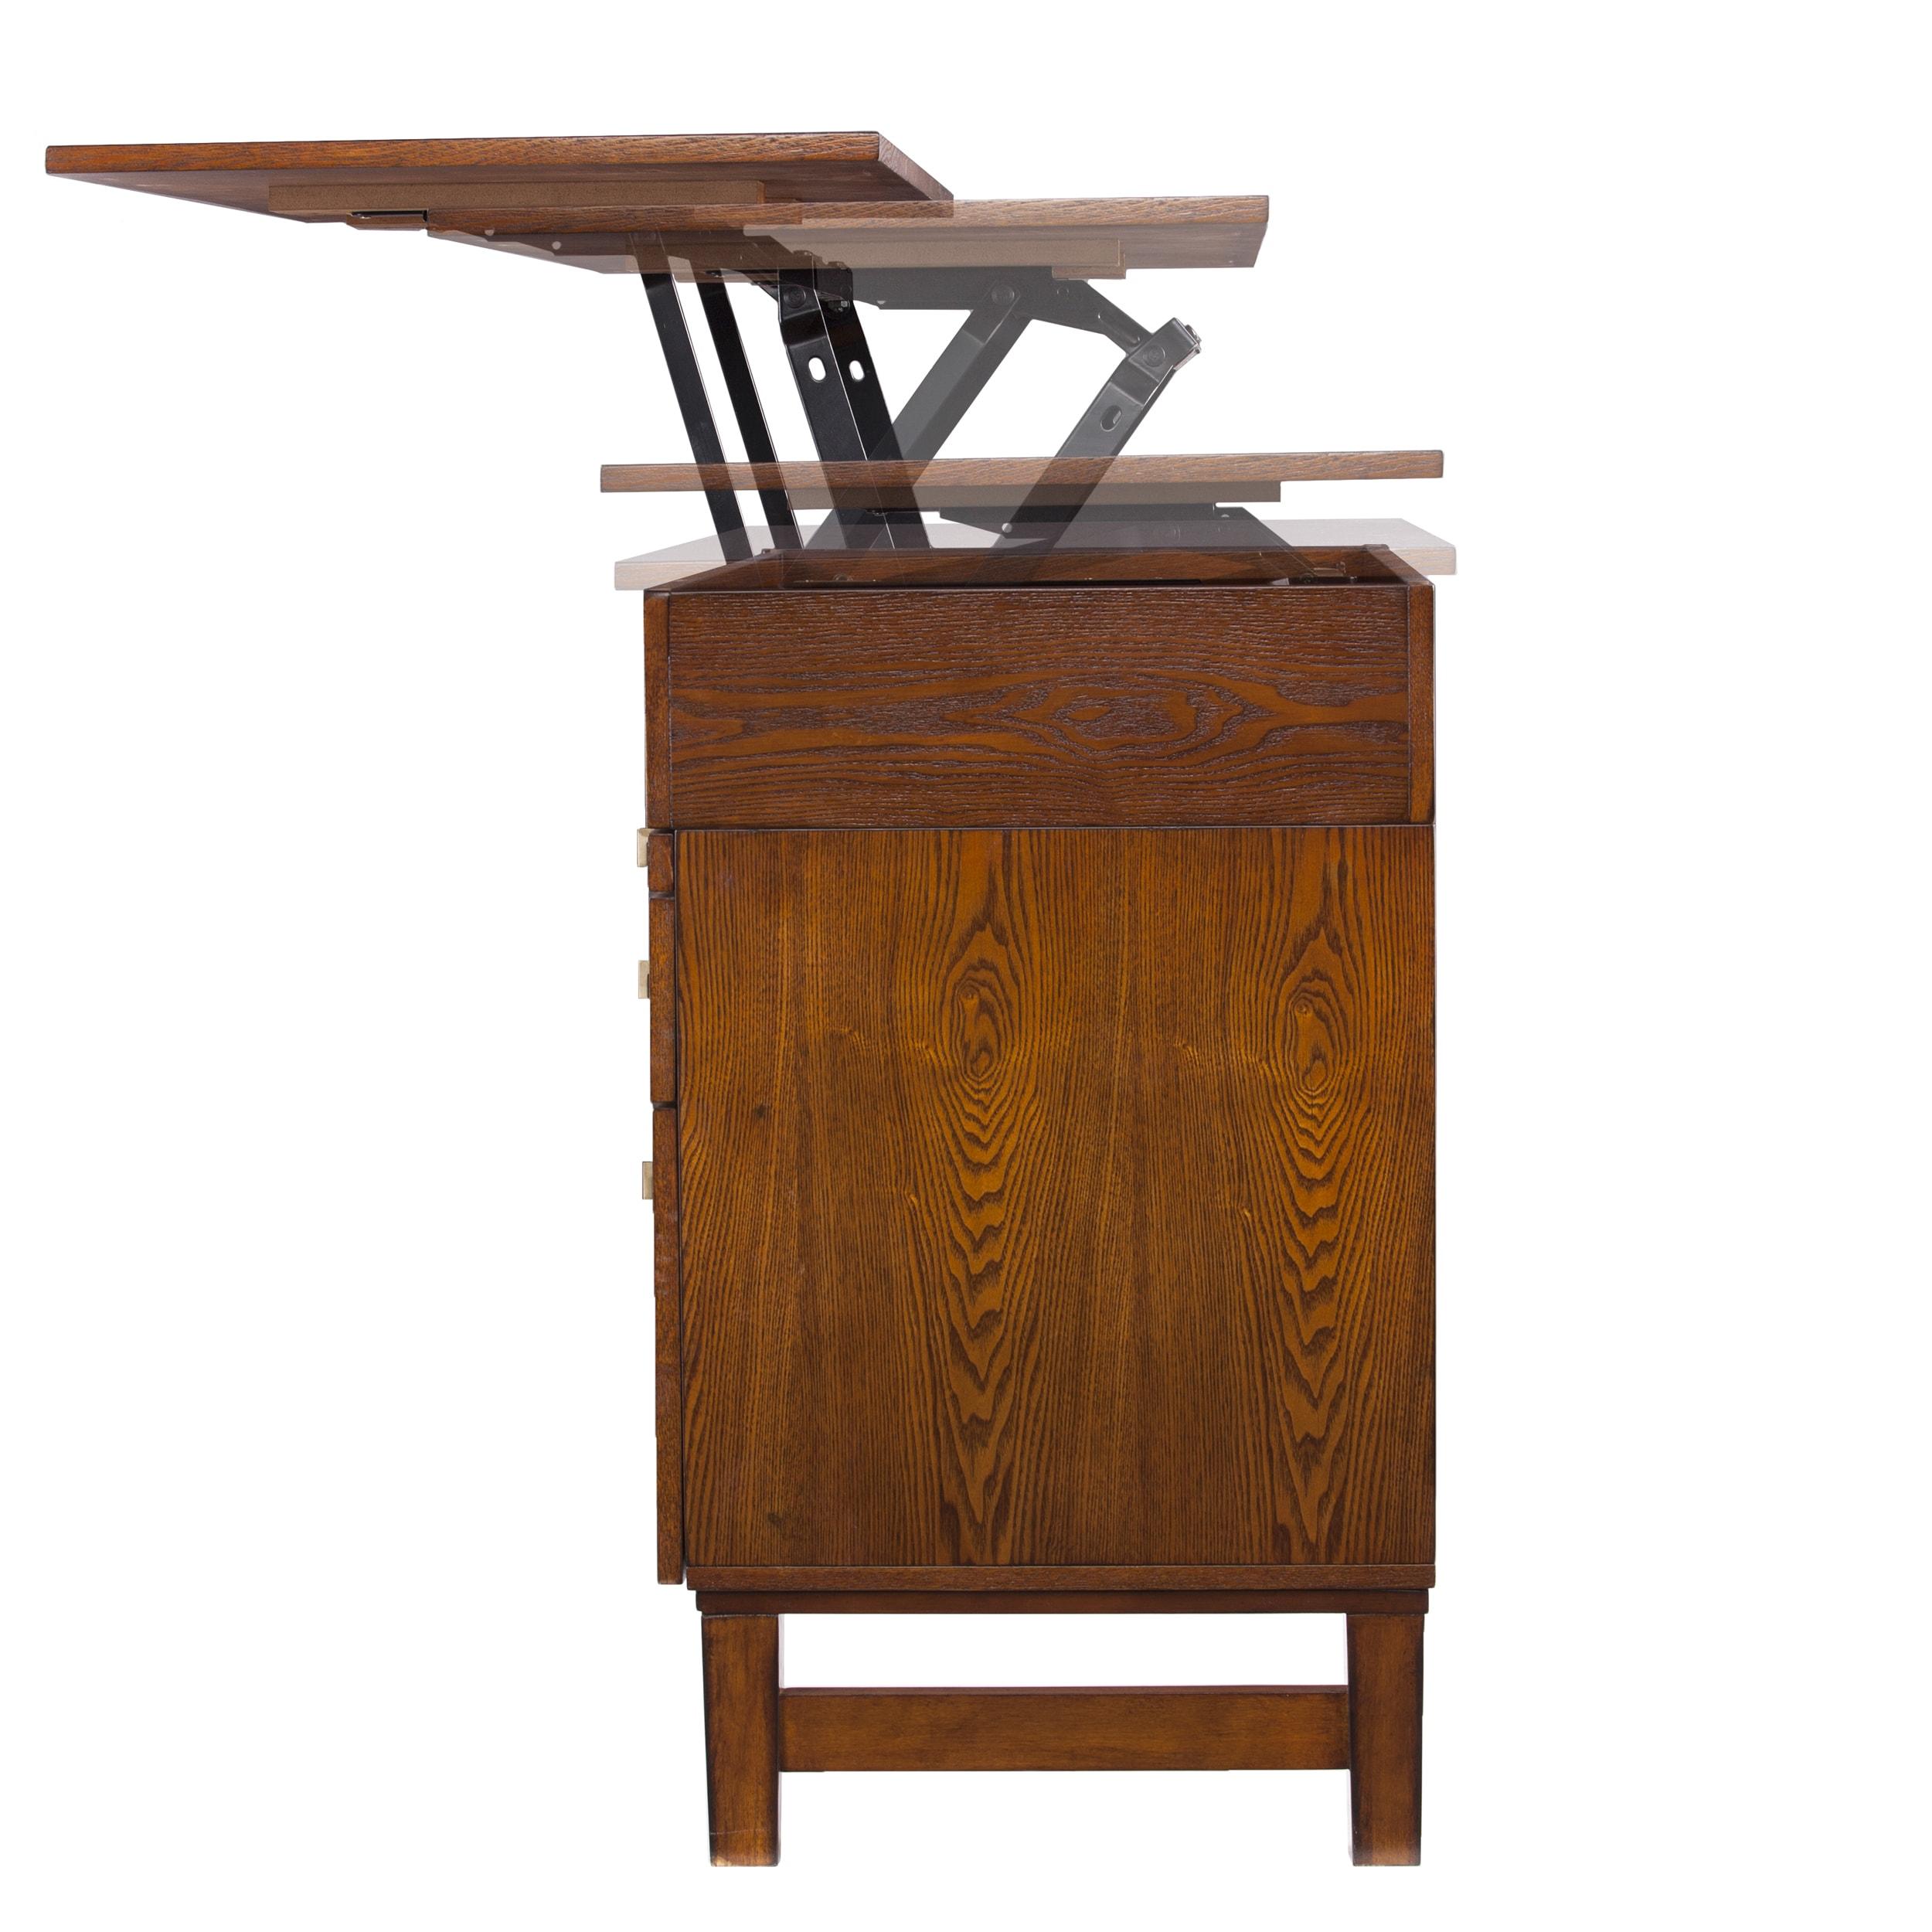 Image of: Shop Black Friday Deals On Ellenda Midcentury Adjustable Height Desk Salem Oak Overstock 15286488